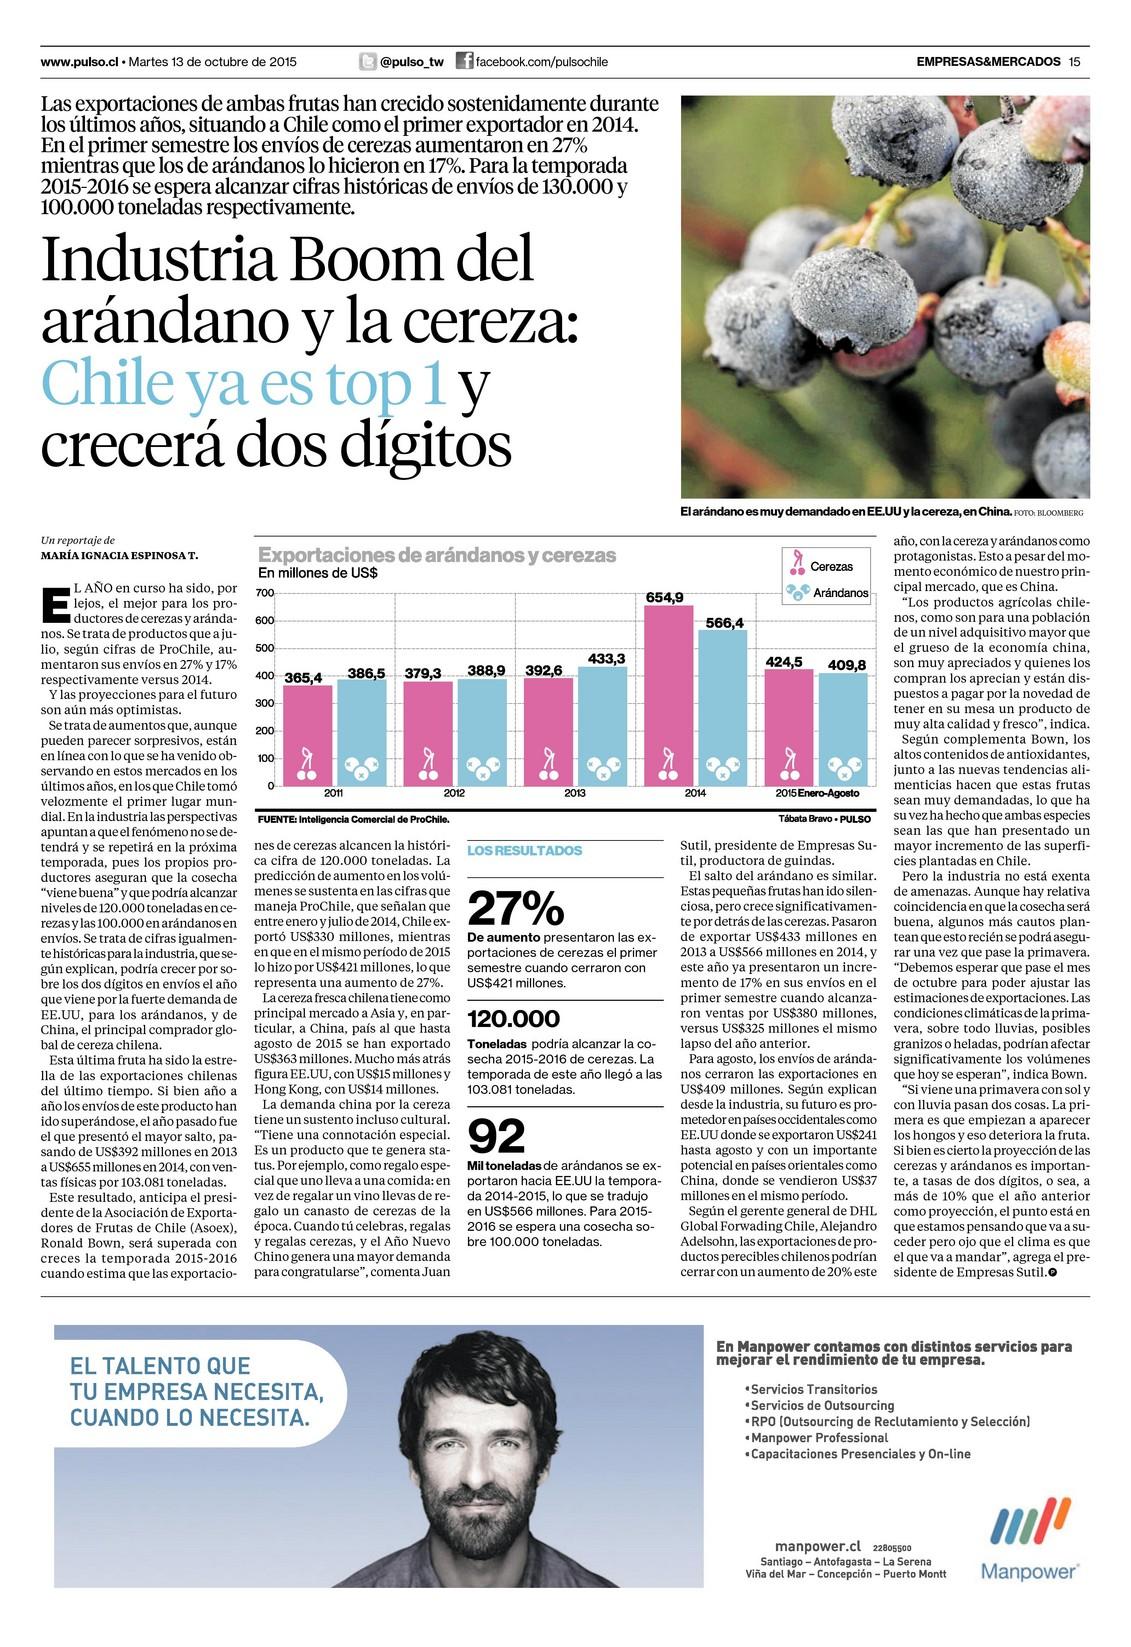 Industria Boom del arándano y la cereza: Chile ya es top 1 y crecerá dos dígitos